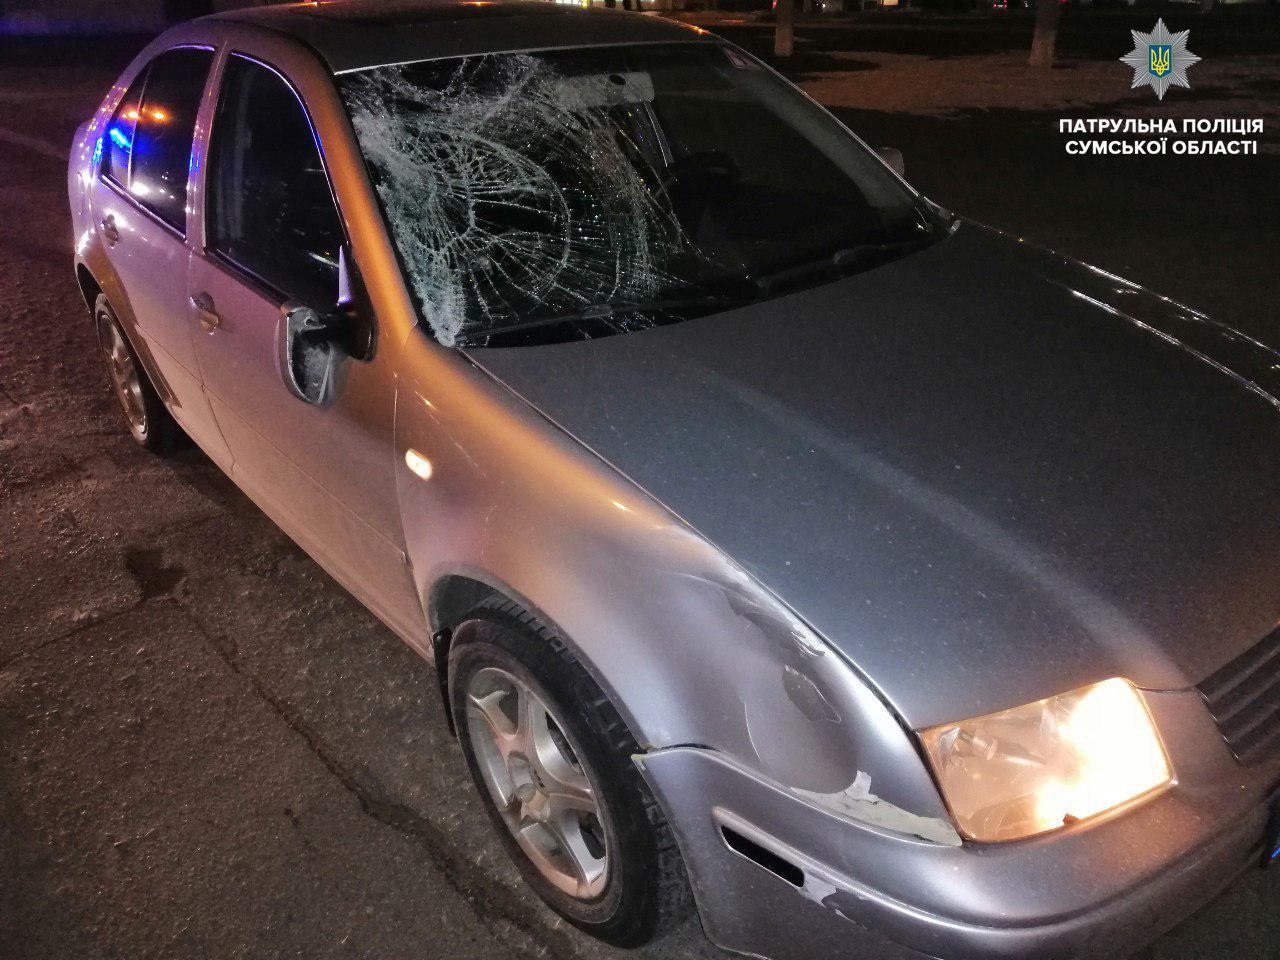 В Сумах под колесами авто погиб пешеход, фото-1